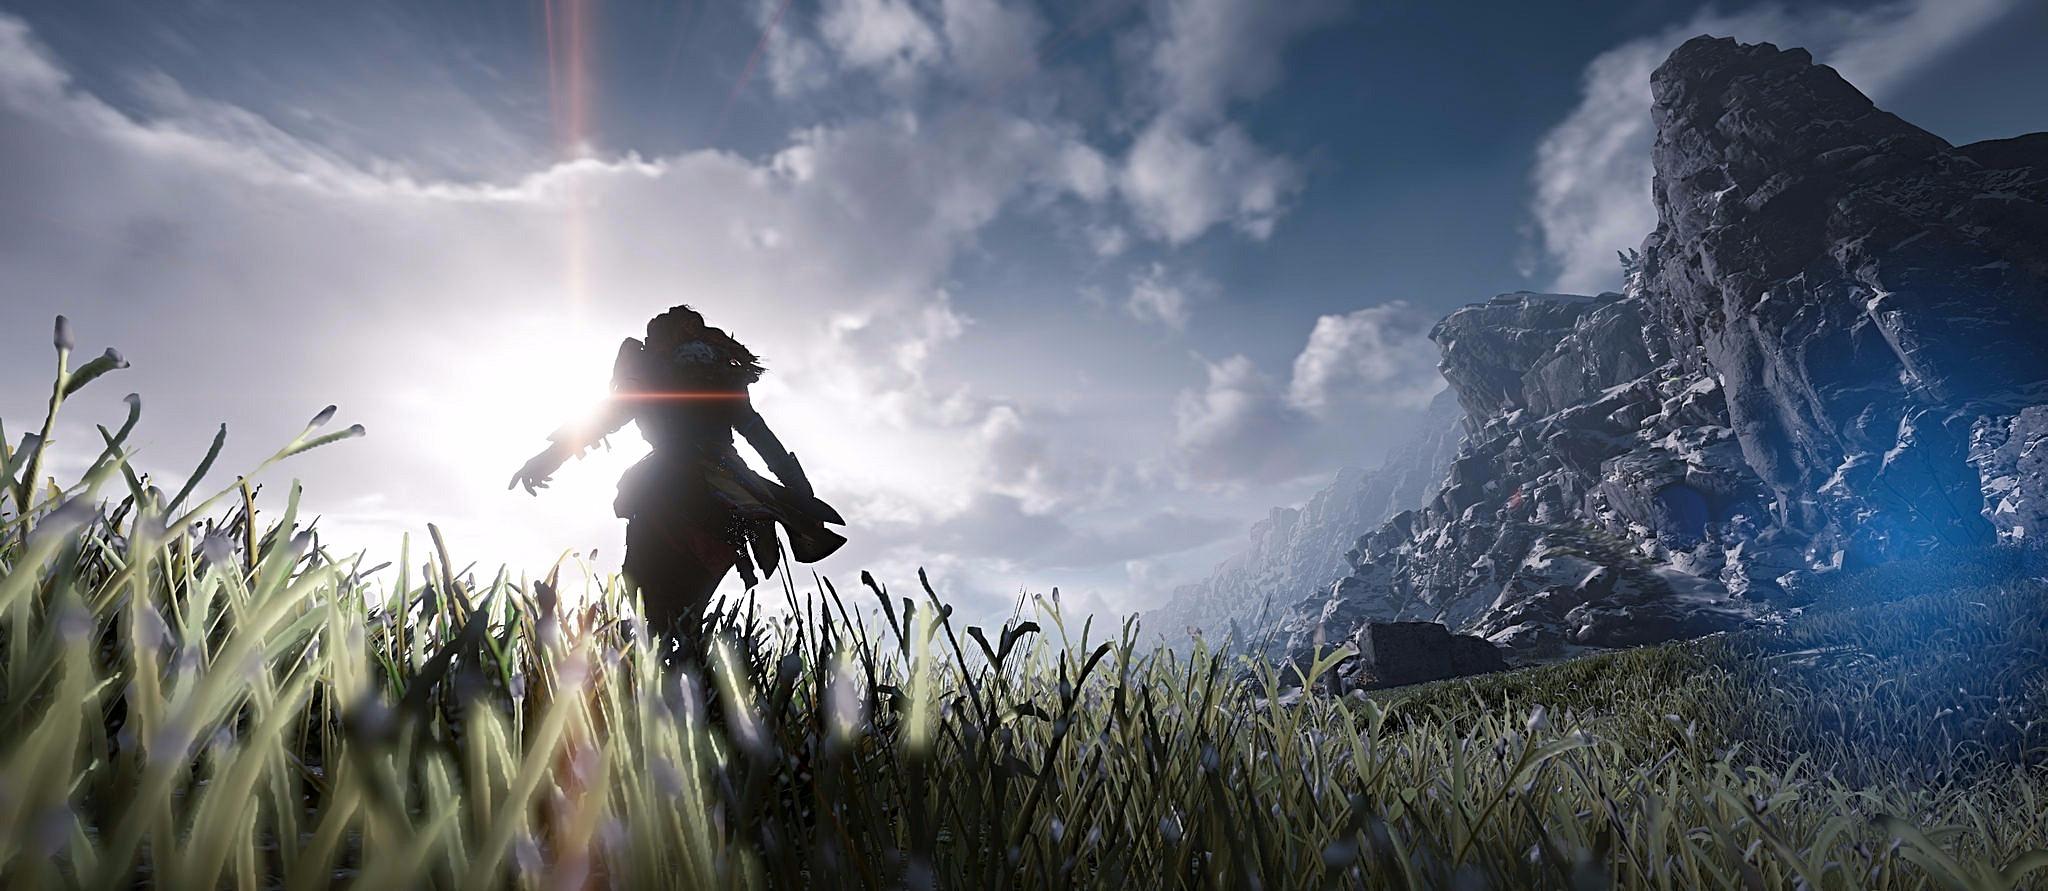 1 (4).jpg - Horizon: Zero Dawn